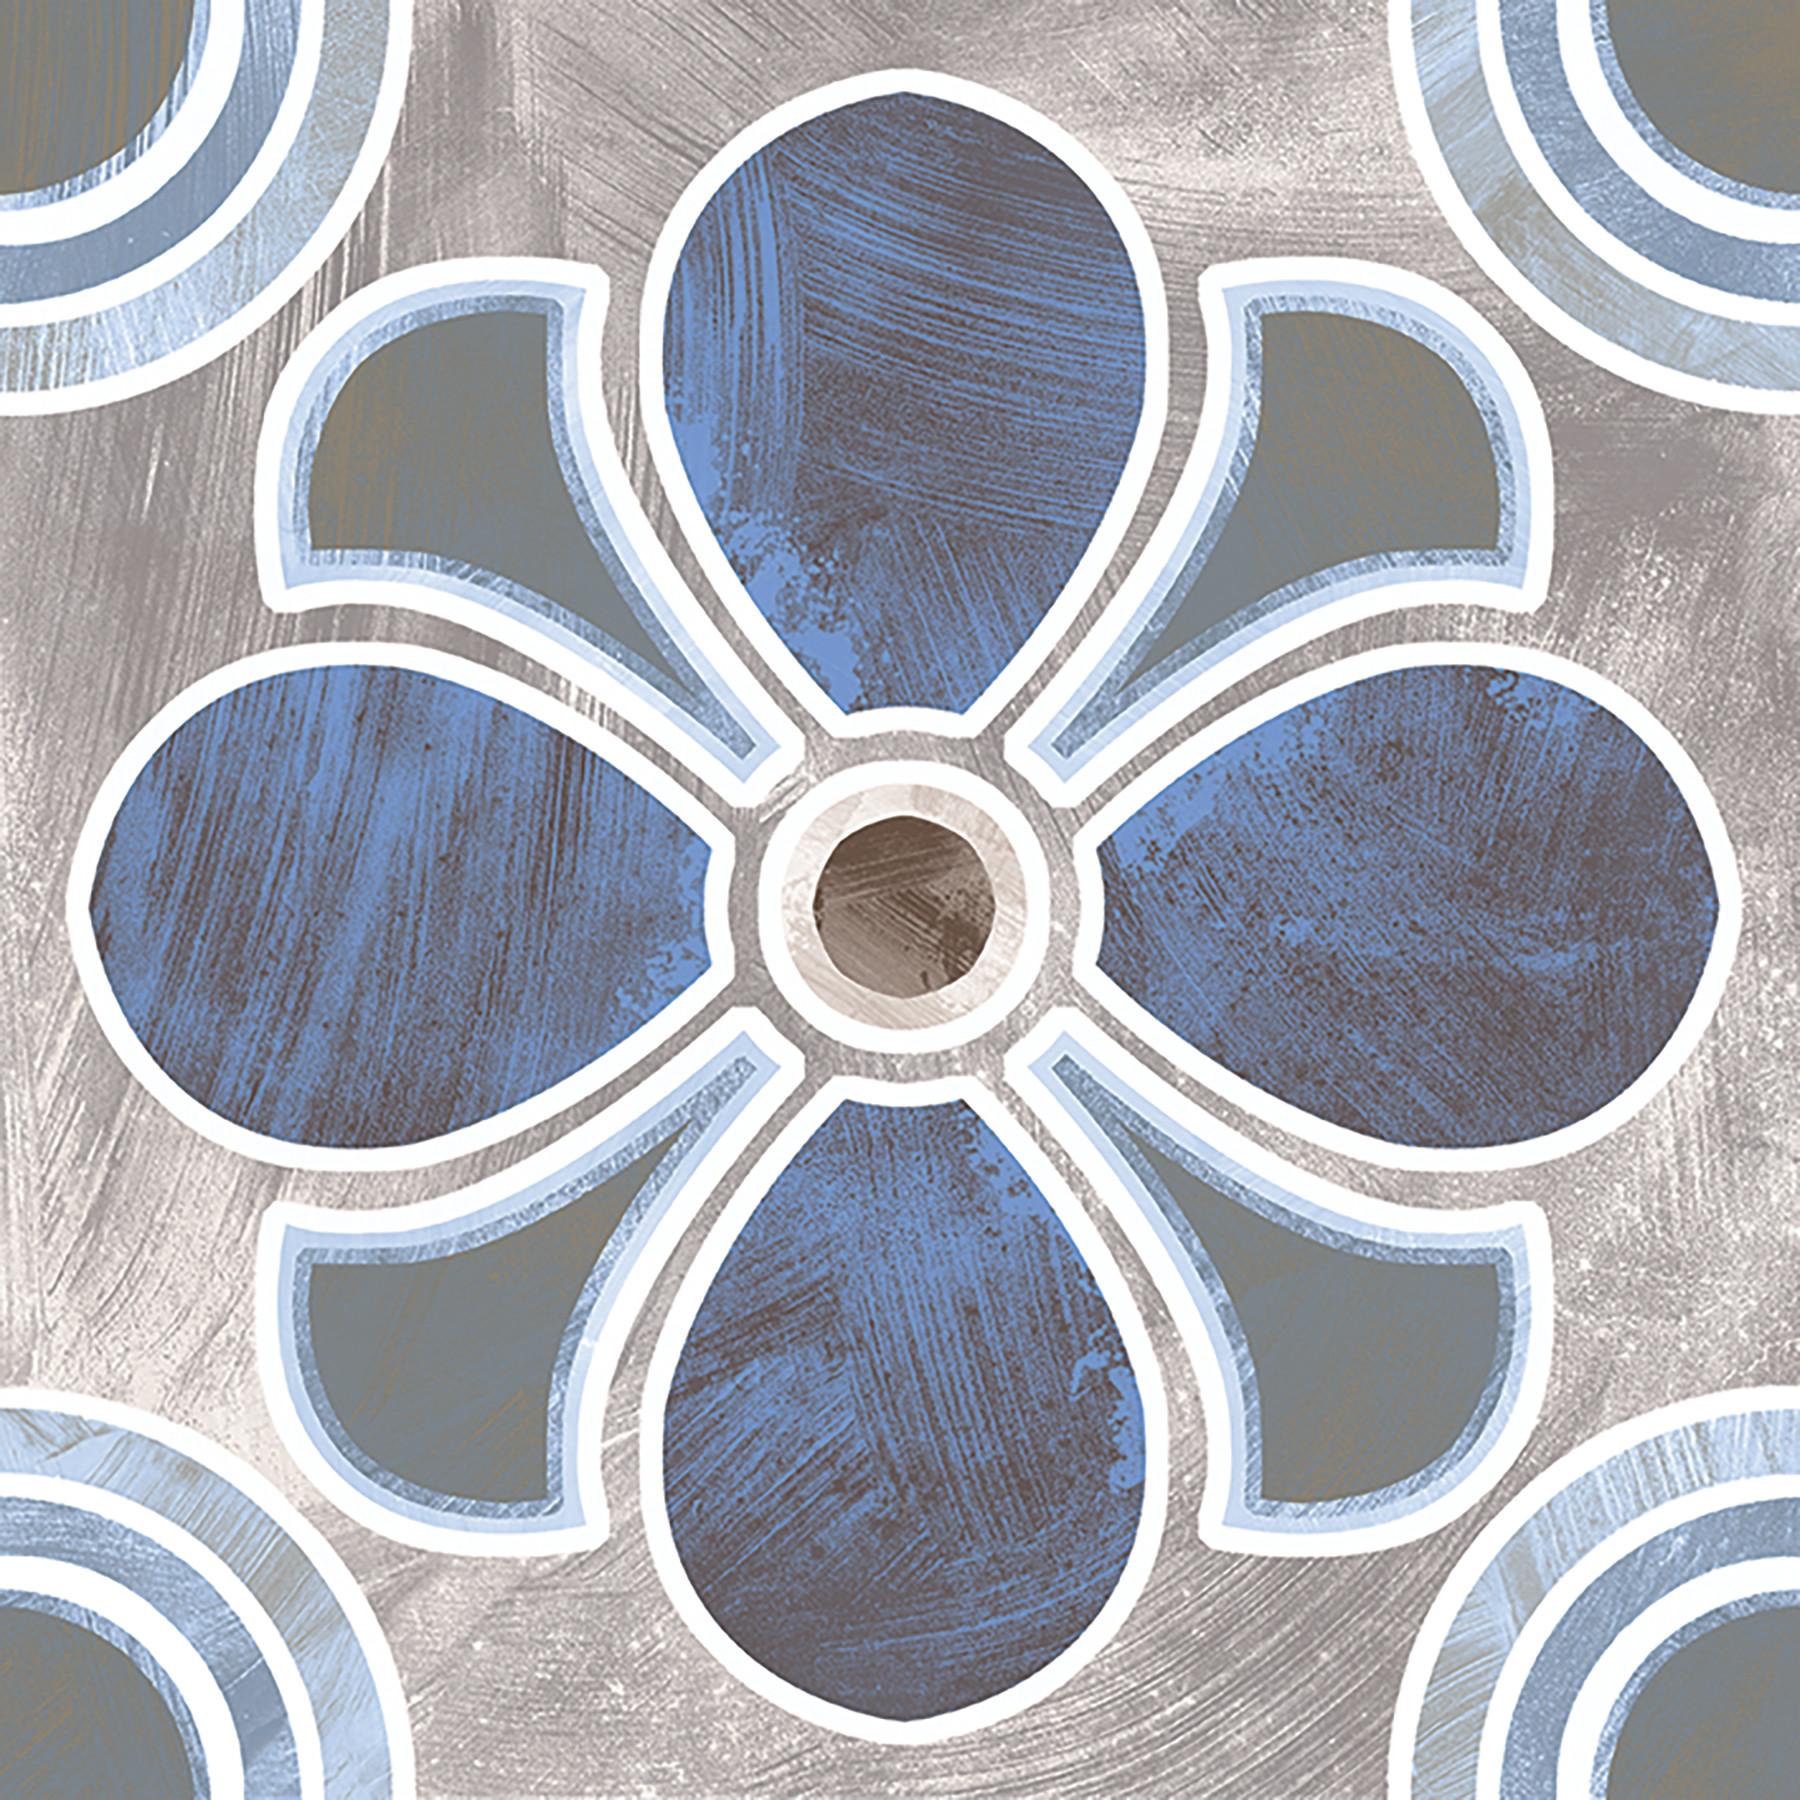 MONZA 20x20 Blue Insert